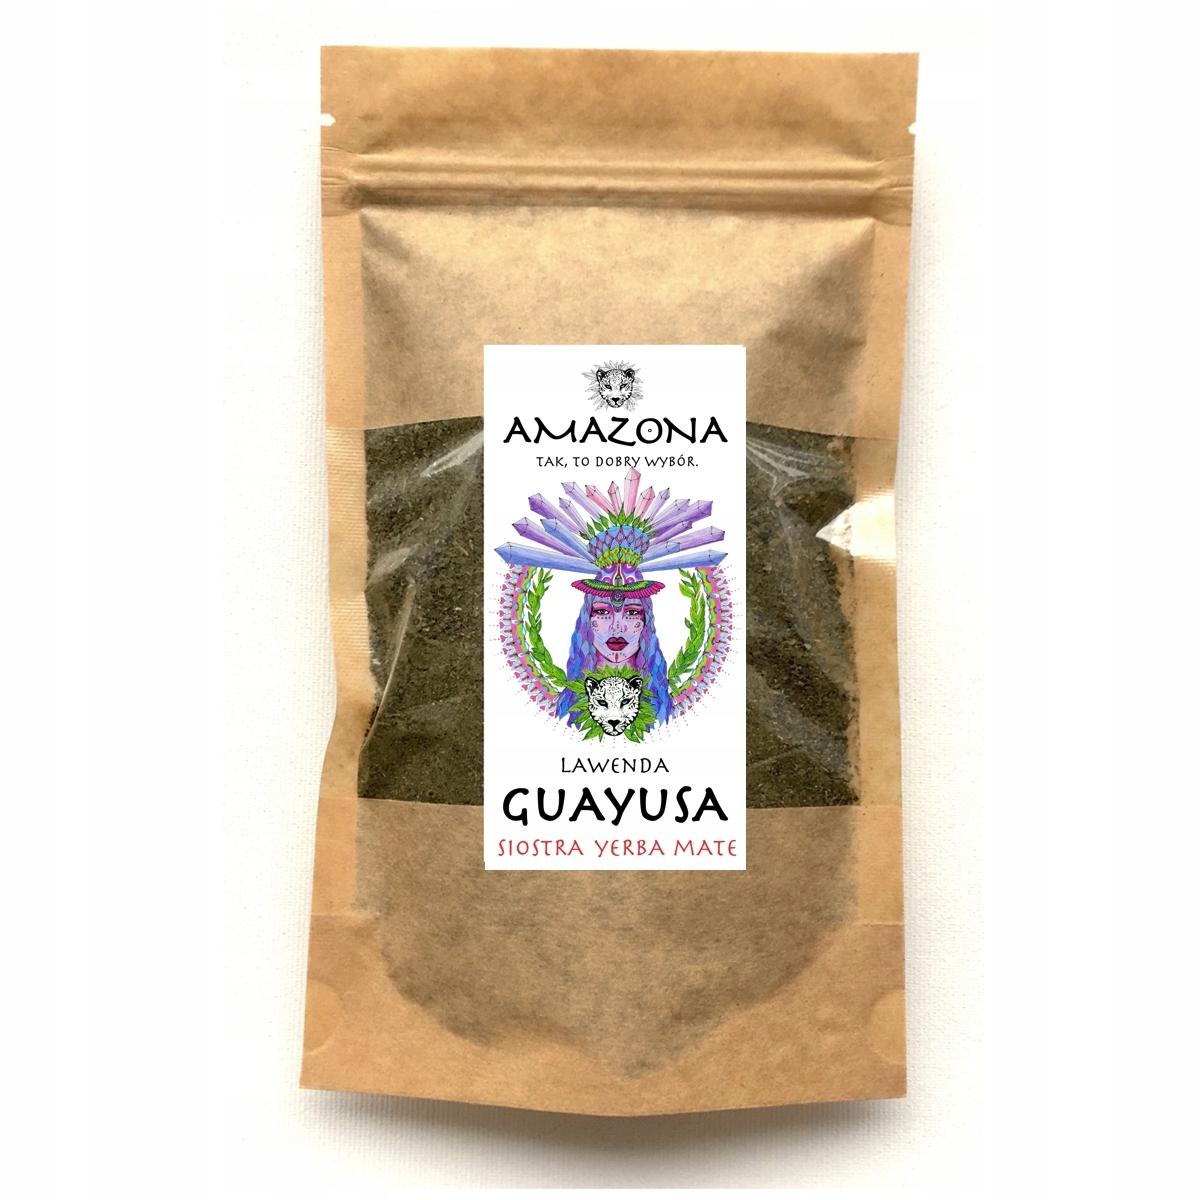 GUAYUSA LAWENDA 250g Siostra Yerba Mate AMAZONA Cechy dodatkowe niesiarkowane niski indeks glikemiczny niskotłuszczowe odpowiednie dla diety ketogenicznej raw (surowe) superfood wegańskie wegetariańskie